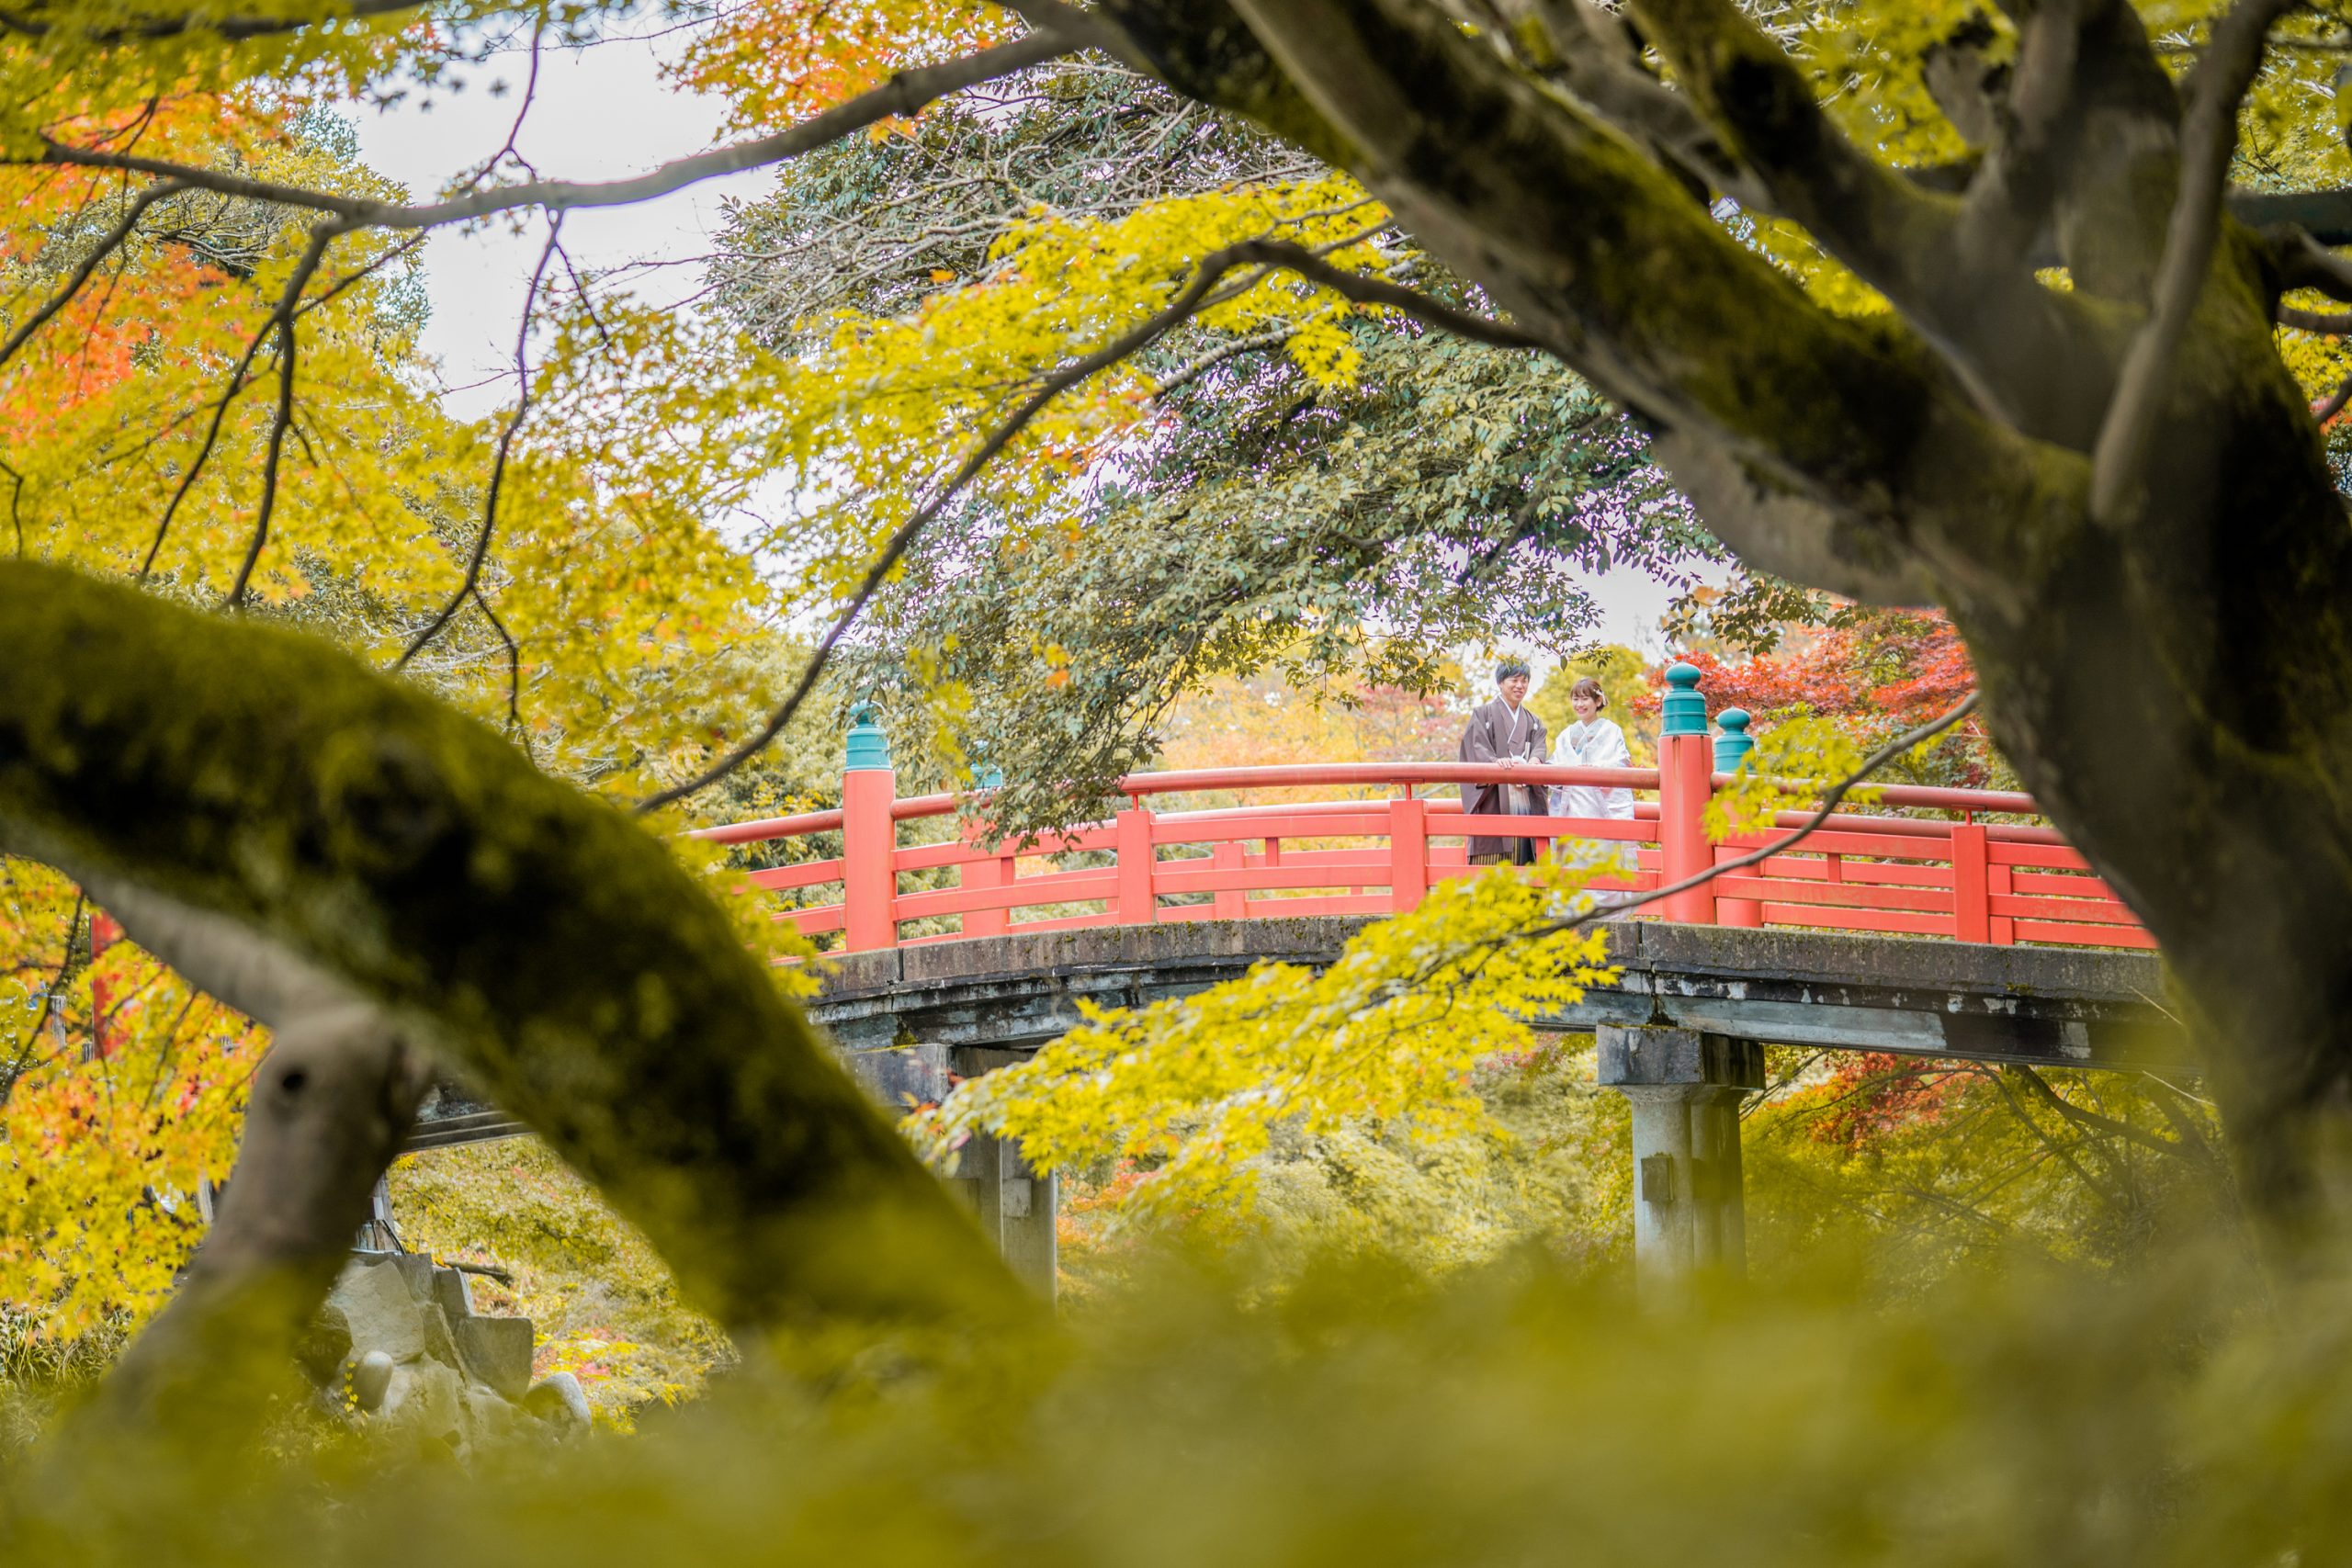 高岡市古城公園できれいな紅葉と赤い橋をバックに、新郎新婦の結婚式前撮り写真をひまわりがプロデュース